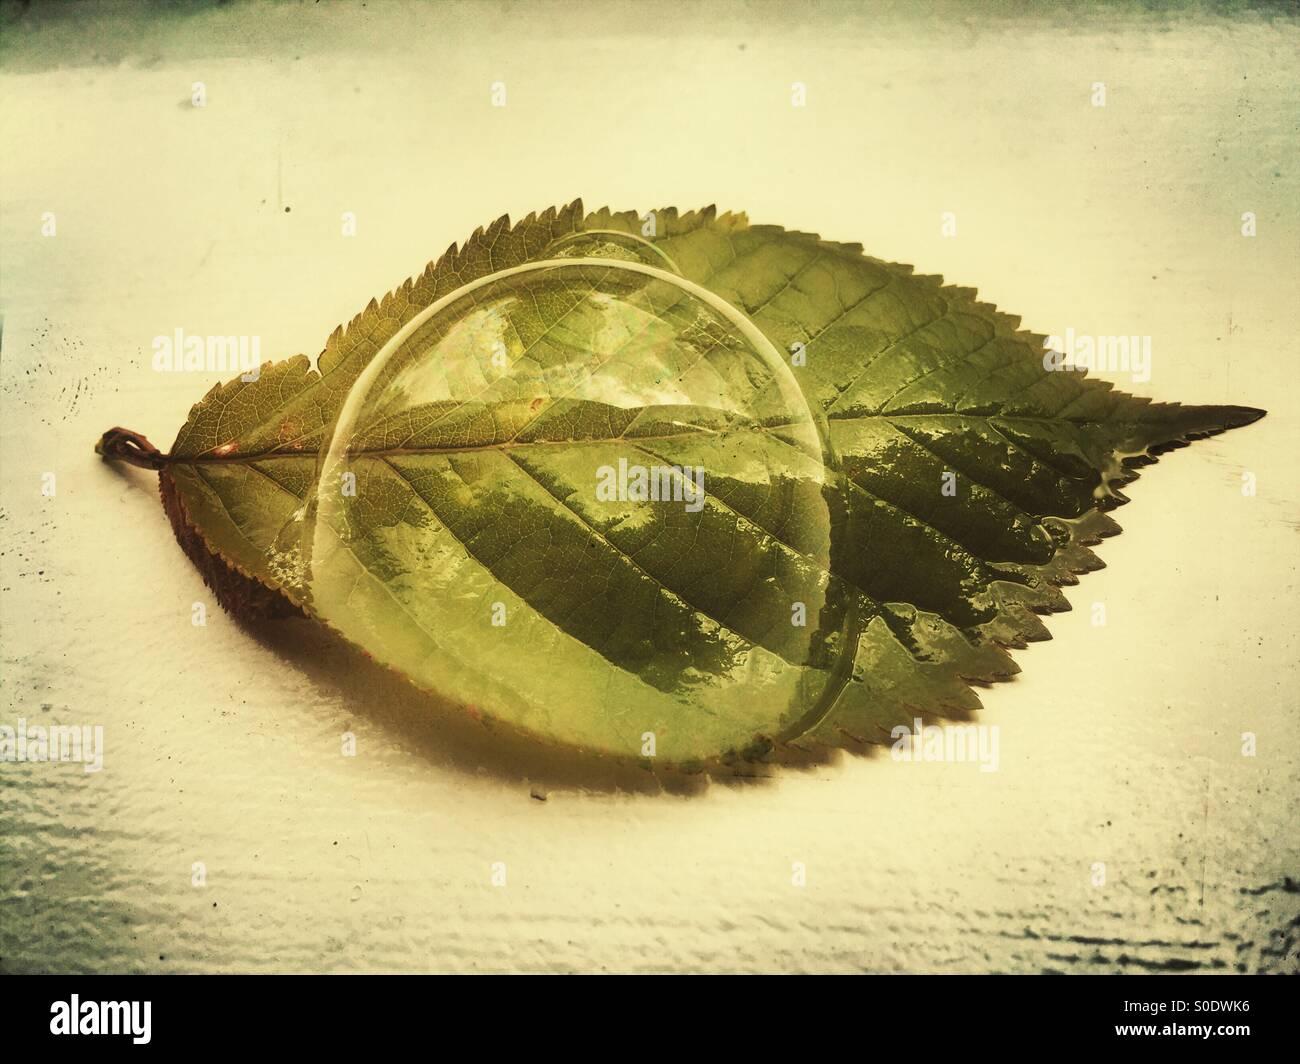 Bulle d'eau sur une feuille verte Photo Stock